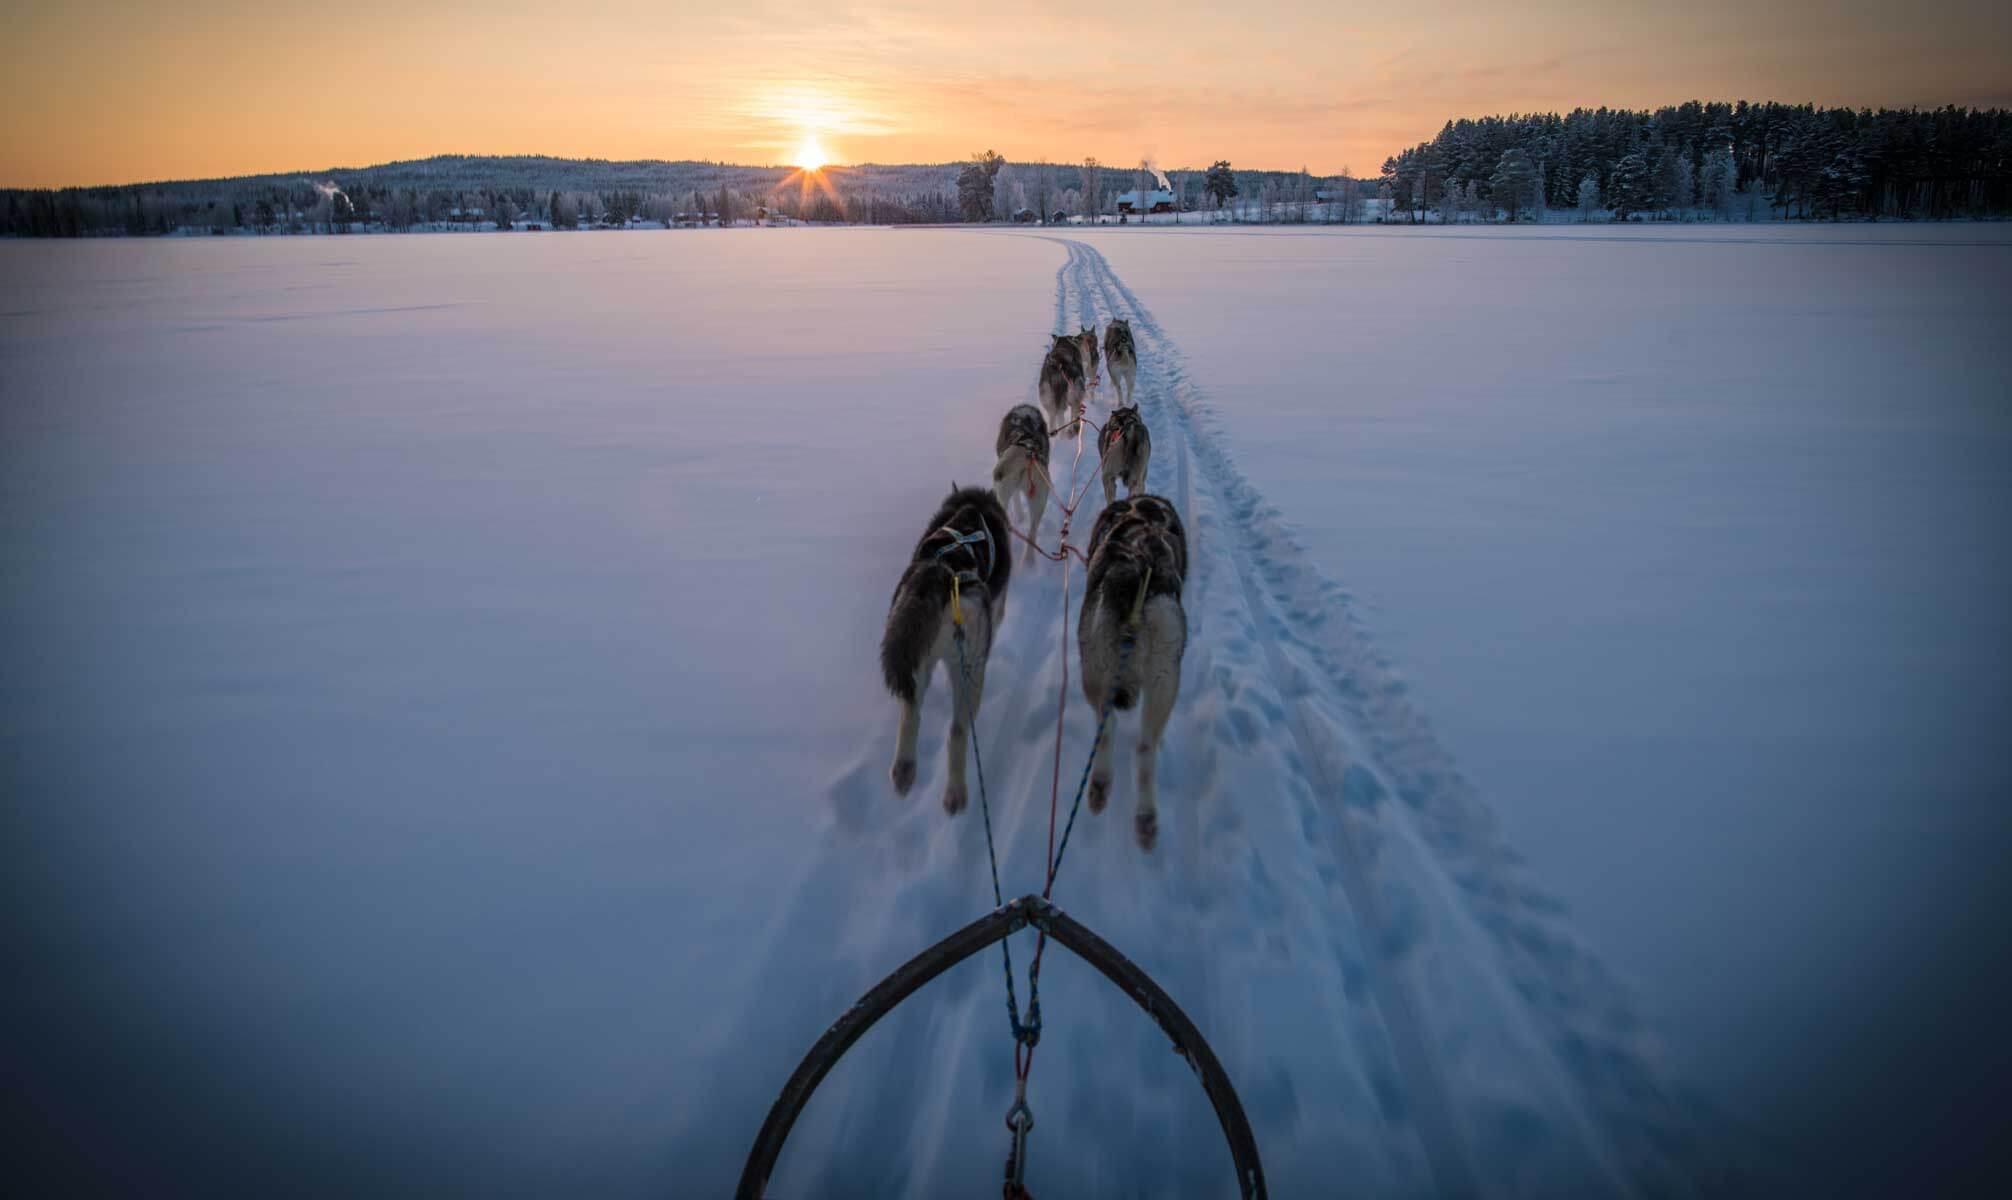 Dog sledding during sunset